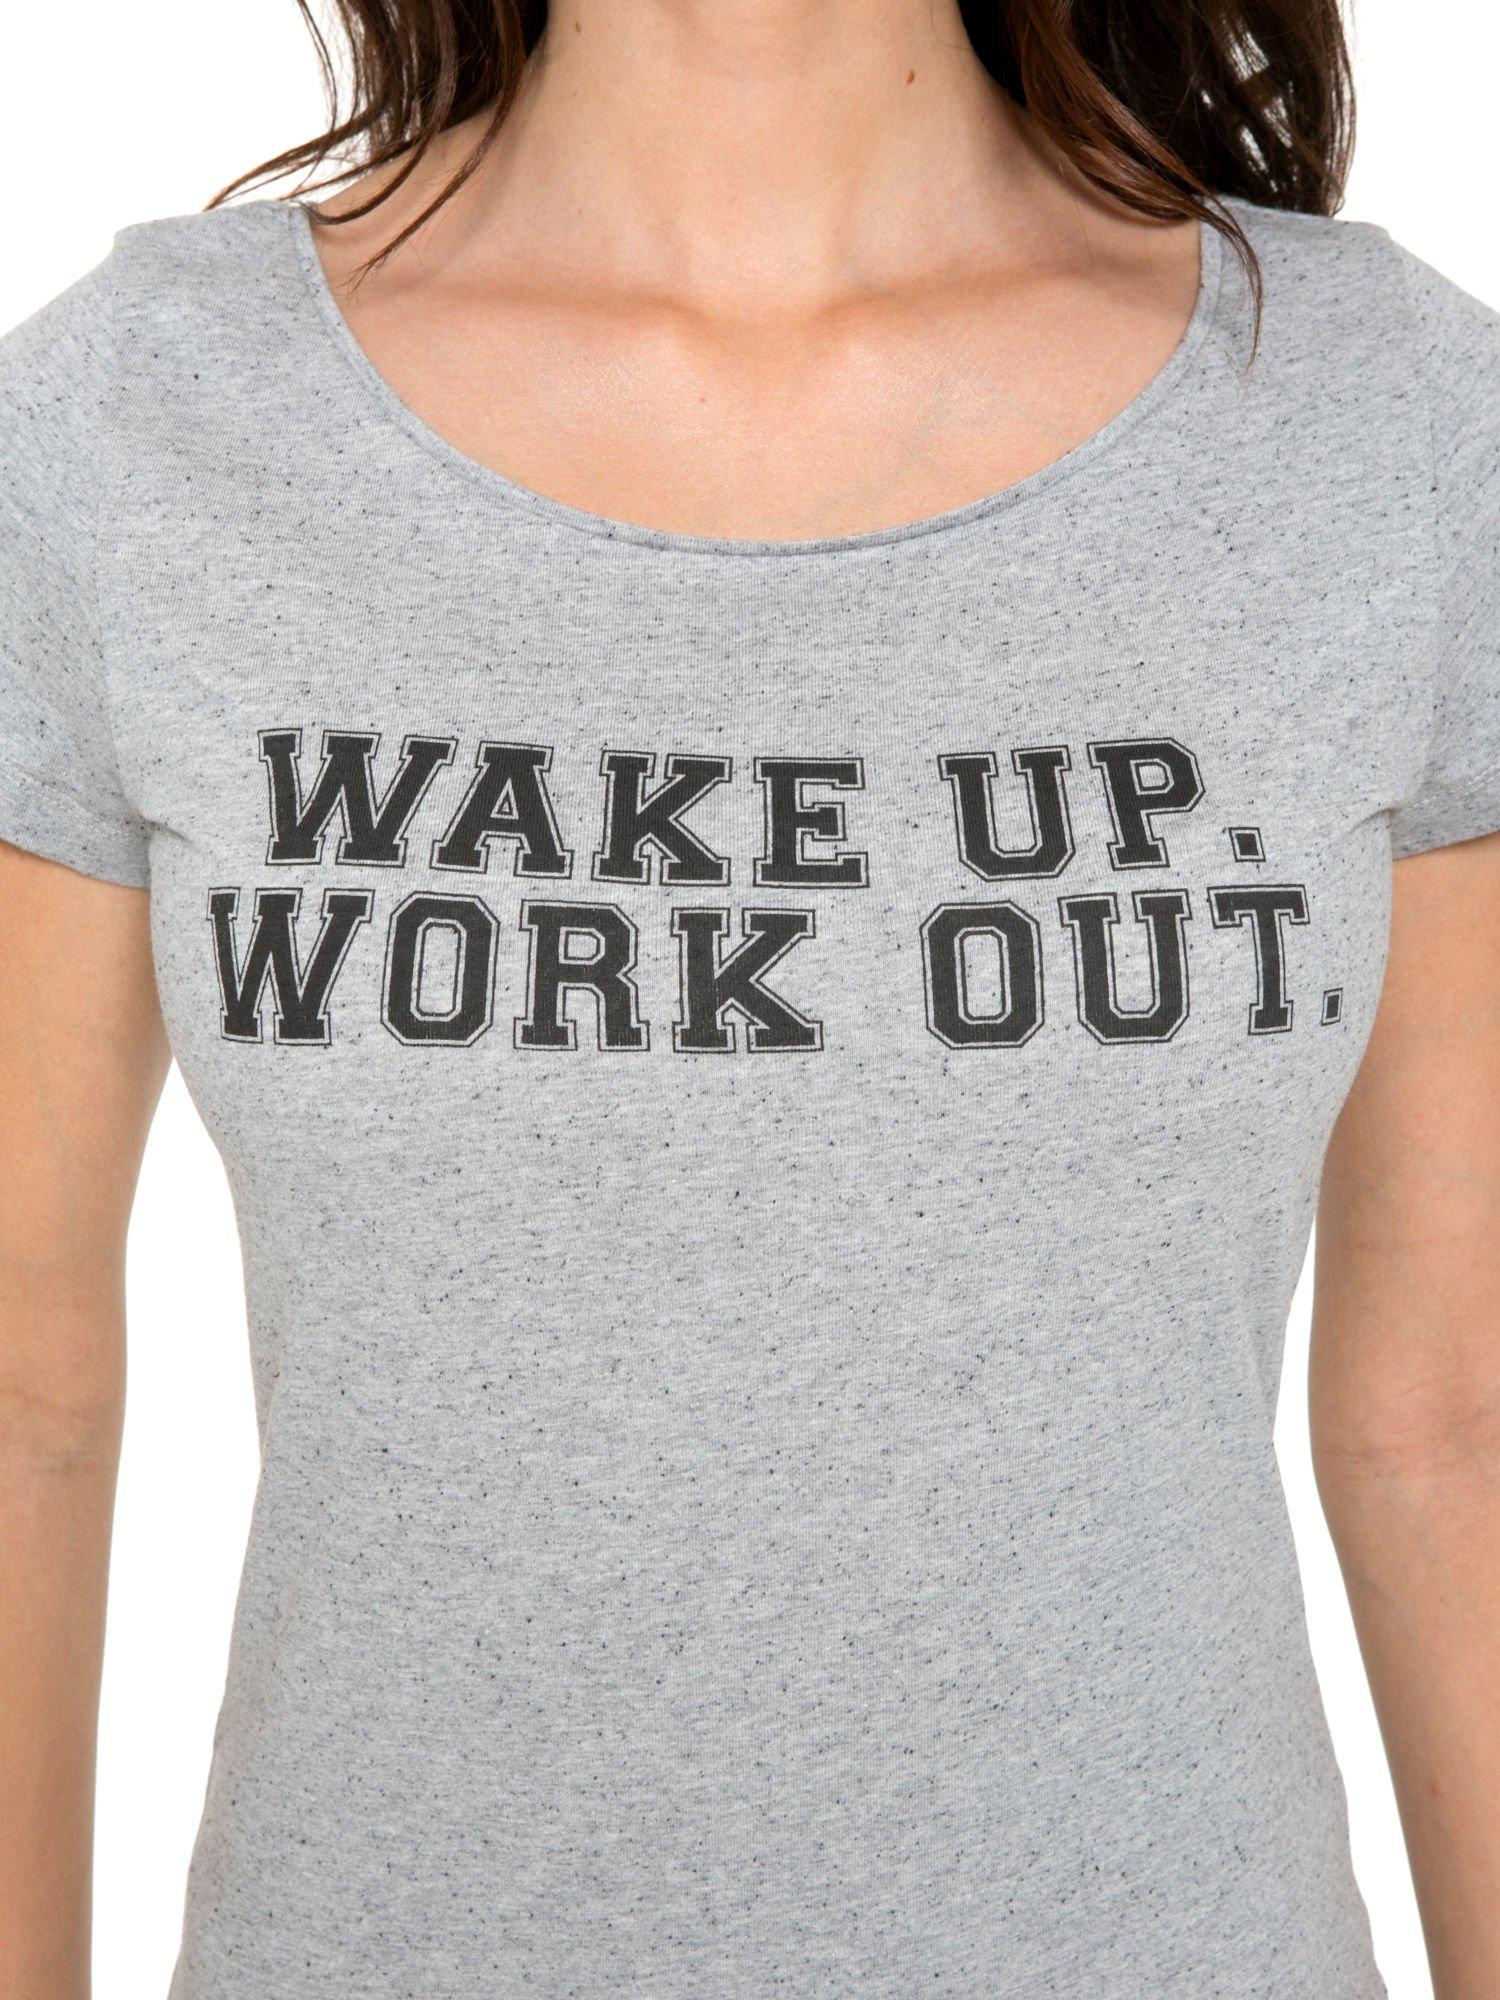 Szary bawełniany t-shirt z nadrukiem tekstowym WAKE UP WORK OUT                                  zdj.                                  7